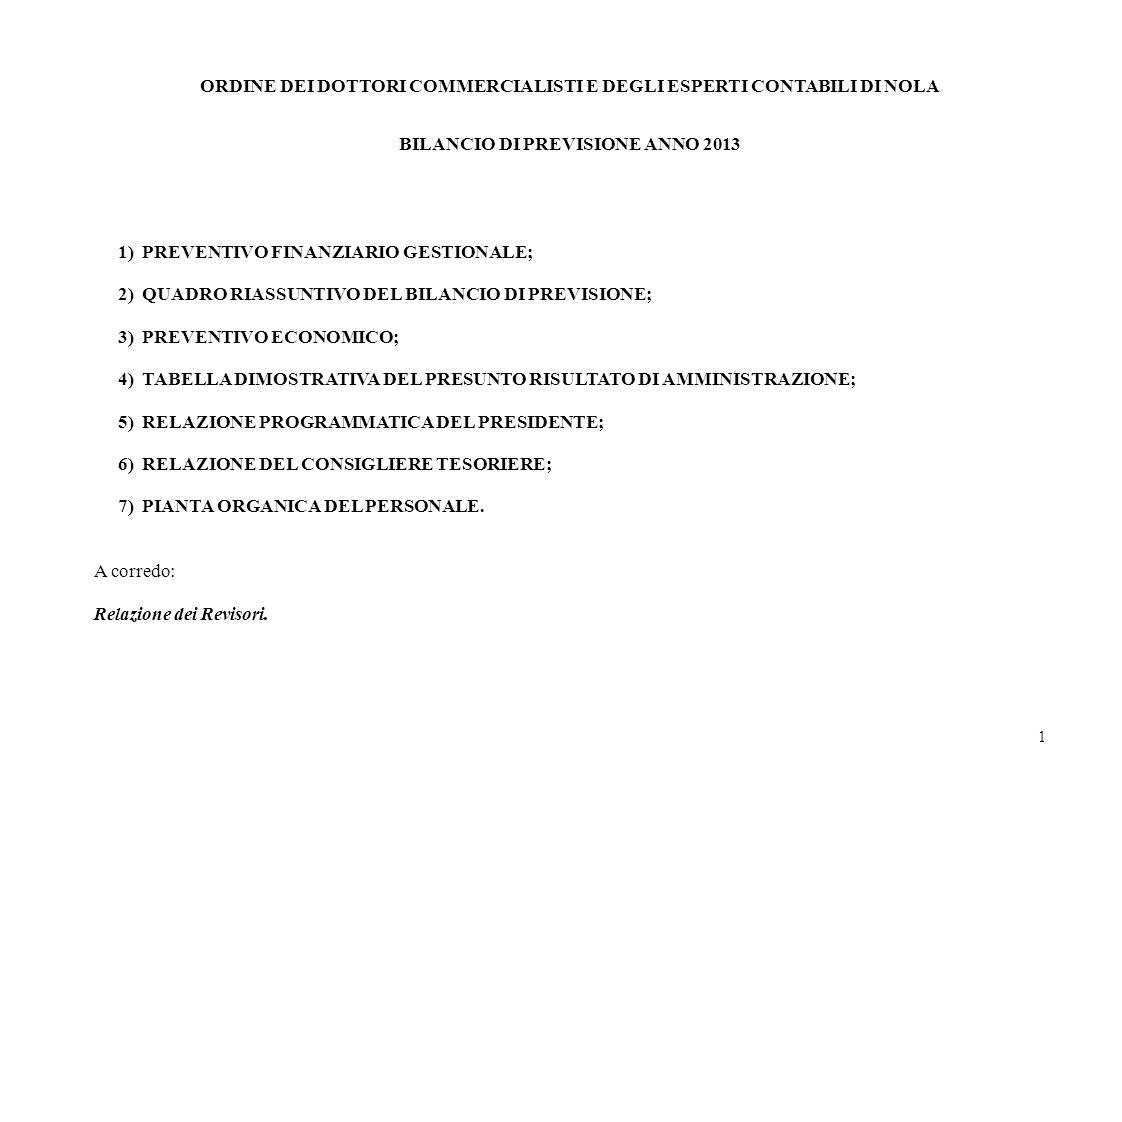 ORDINE DEI DOTTORI COMMERCIALISTI E DEGLI ESPERTI CONTABILI DI NOLA Bilancio Preventivo Finanziario Esercizio 2013 ENTRATA 30/10/2012 - 13.31.26Pagina: 1 Capitolo Residui attivi presunti alla fine dell anno 2012 Previsioni definitive dell anno 2012 Previsioni di competenza dell anno 2013 Previsioni di cassa per l anno 2013 CodiceN.DenominazioneV a r i a z i o n iV a r i a z i o n iSomme risultanti In aumentoIn diminuzione Fondo Iniziale di Cassa presunto 39.258,73 Titolo I - Entrate Contributive Categoria I - Diritto annuale 101010Diritto annuale50.032,47179.200,0017.380,00196.580,00246.612,47 Totale Categoria I50.032,47179.200,0017.380,000,00196.580,00246.612,47 Categoria II - Diritti e quote nuove iscrizioni 102001Quota 1^ iscrizione0,0014.400,00600,0015.000,00 Totale Categoria II0,0014.400,00600,000,0015.000,00 Totale Titolo I50.032,47193.600,0017.980,000,00211.580,00261.612,47 Titolo III - Entrate diverse Categoria VII - Entrate diverse 307010Tass.